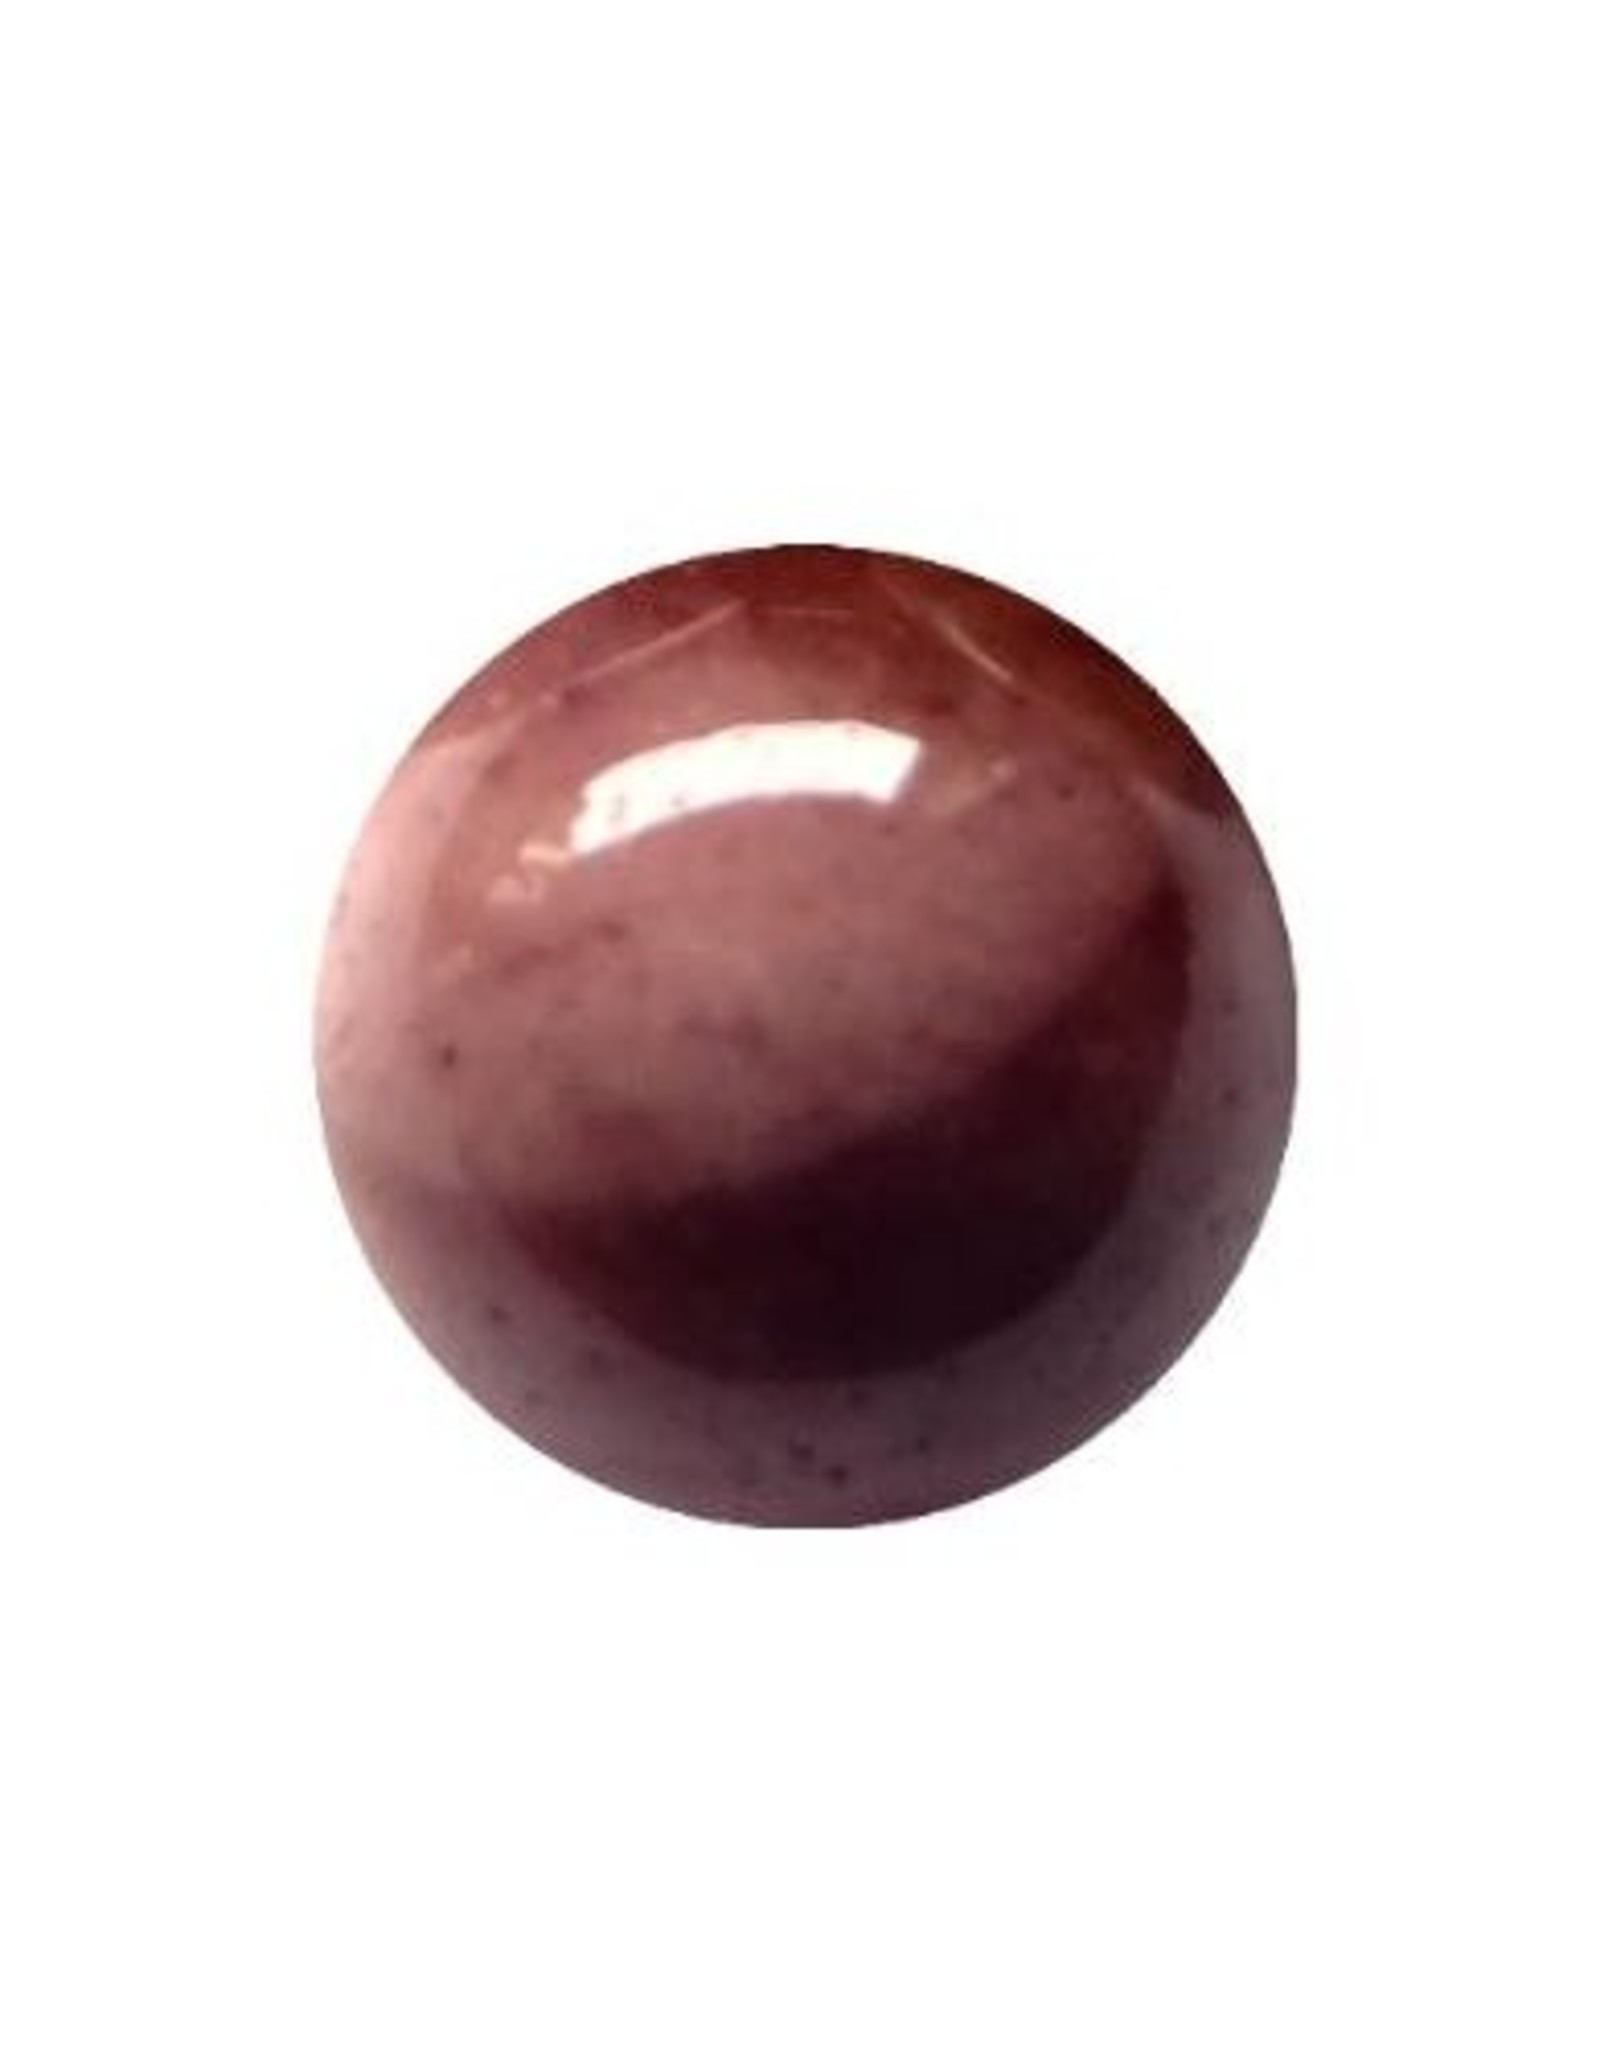 Wisselsteen Mookaiet 12 mm